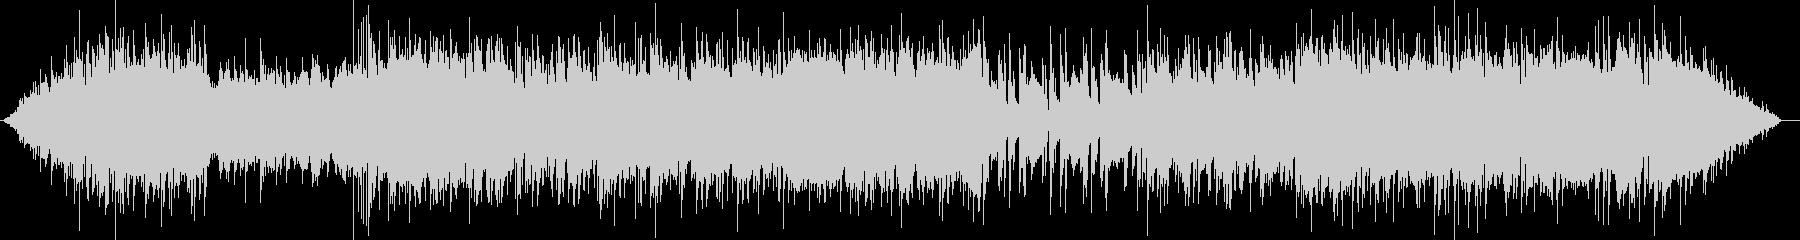 エレキギターが活躍するポップなBGMの未再生の波形